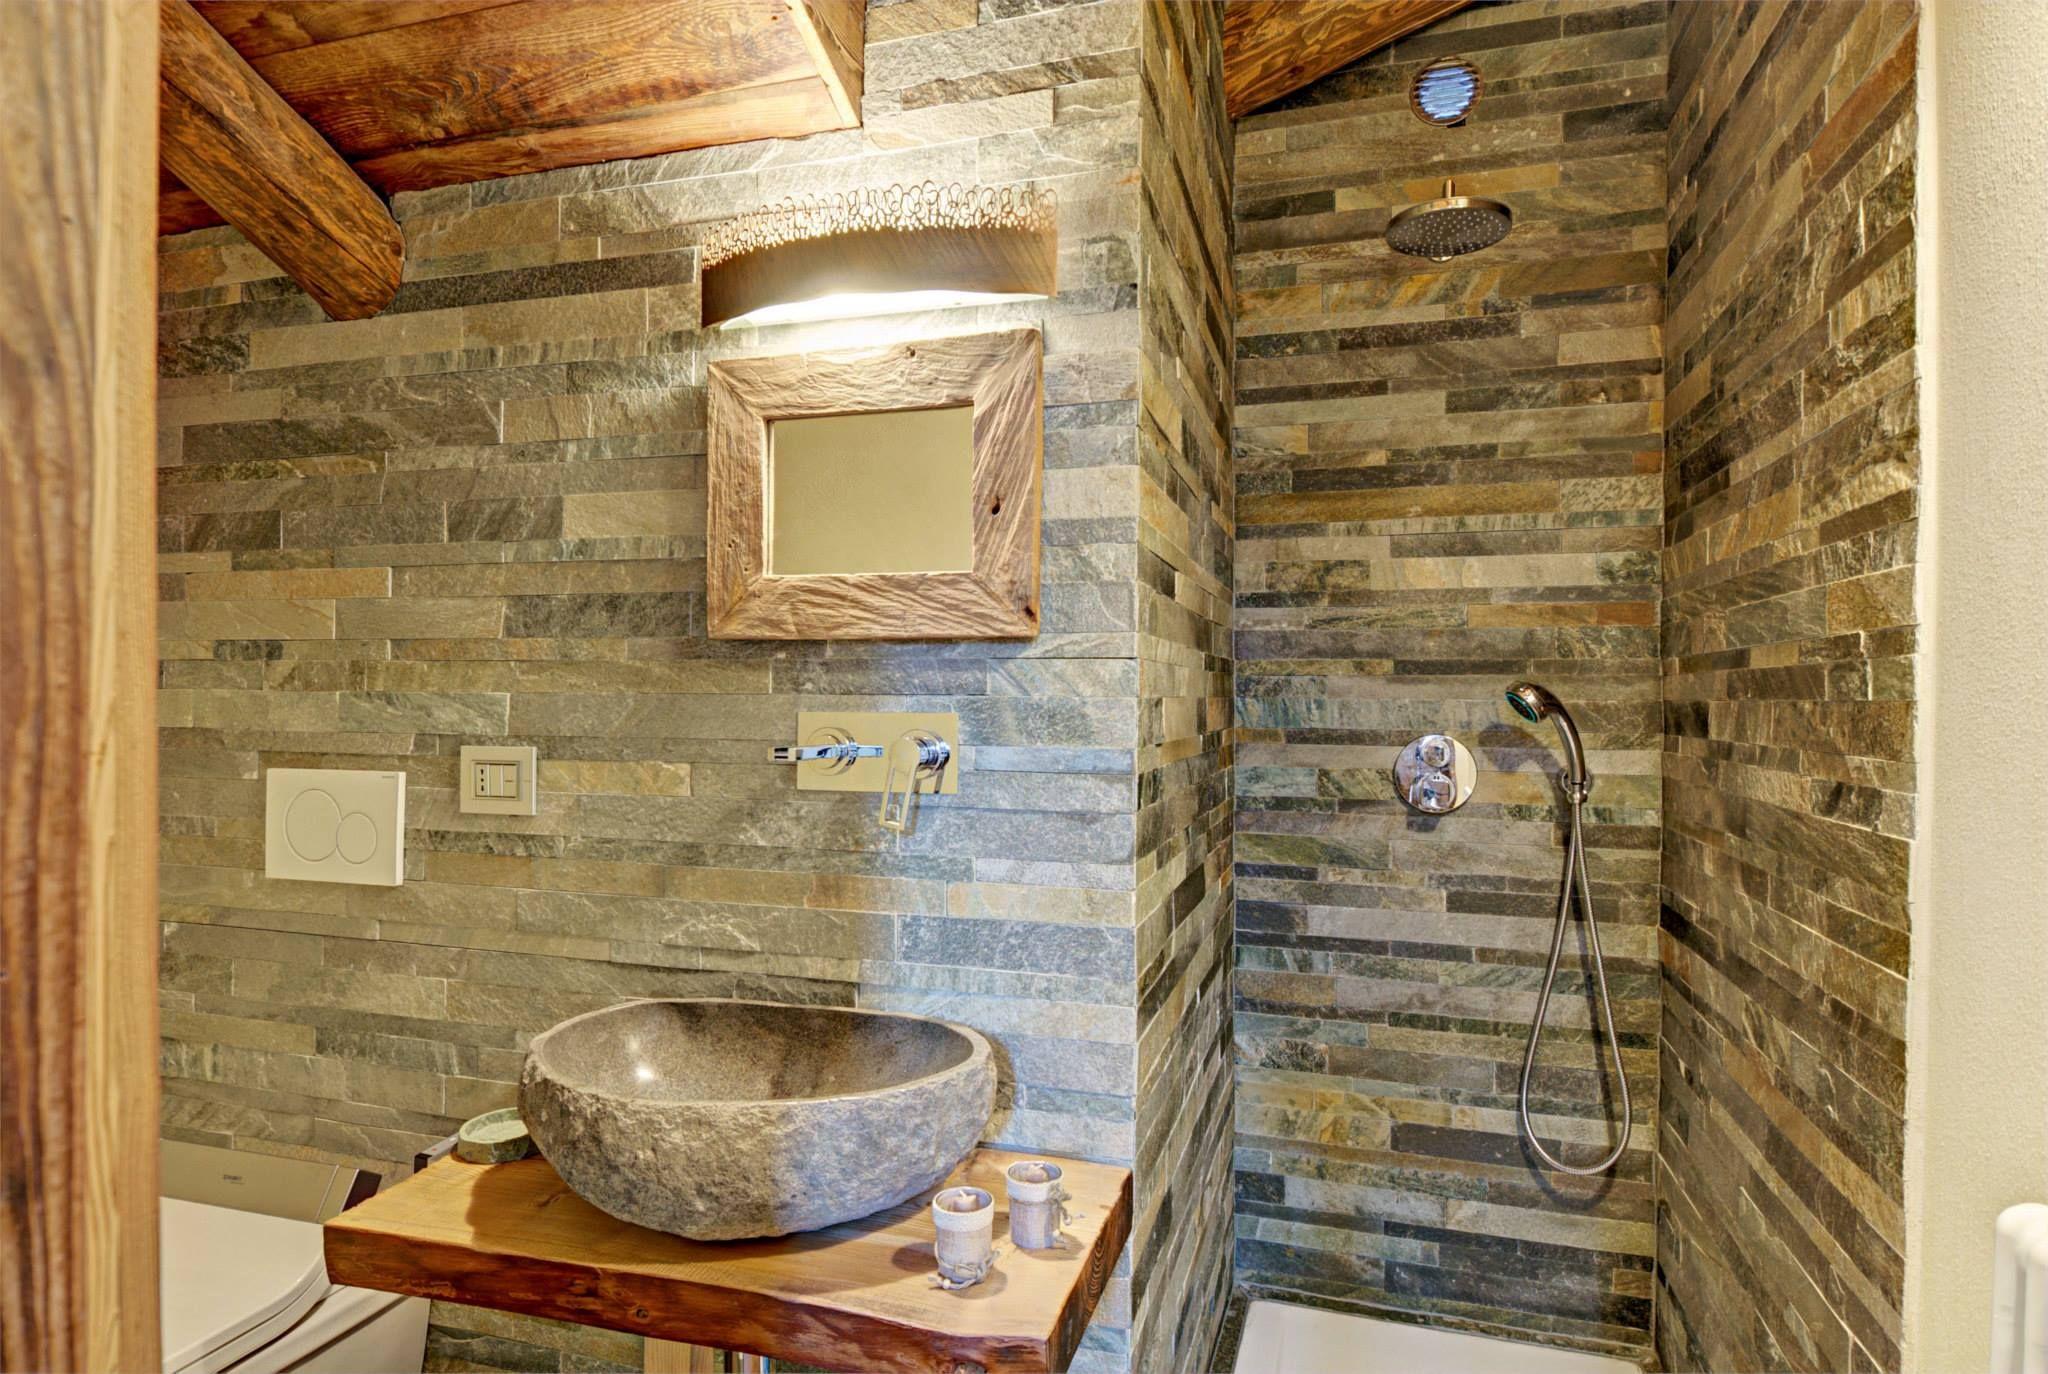 Diseño de interiores rústico uso de madera y piedra | baño pequeño ...